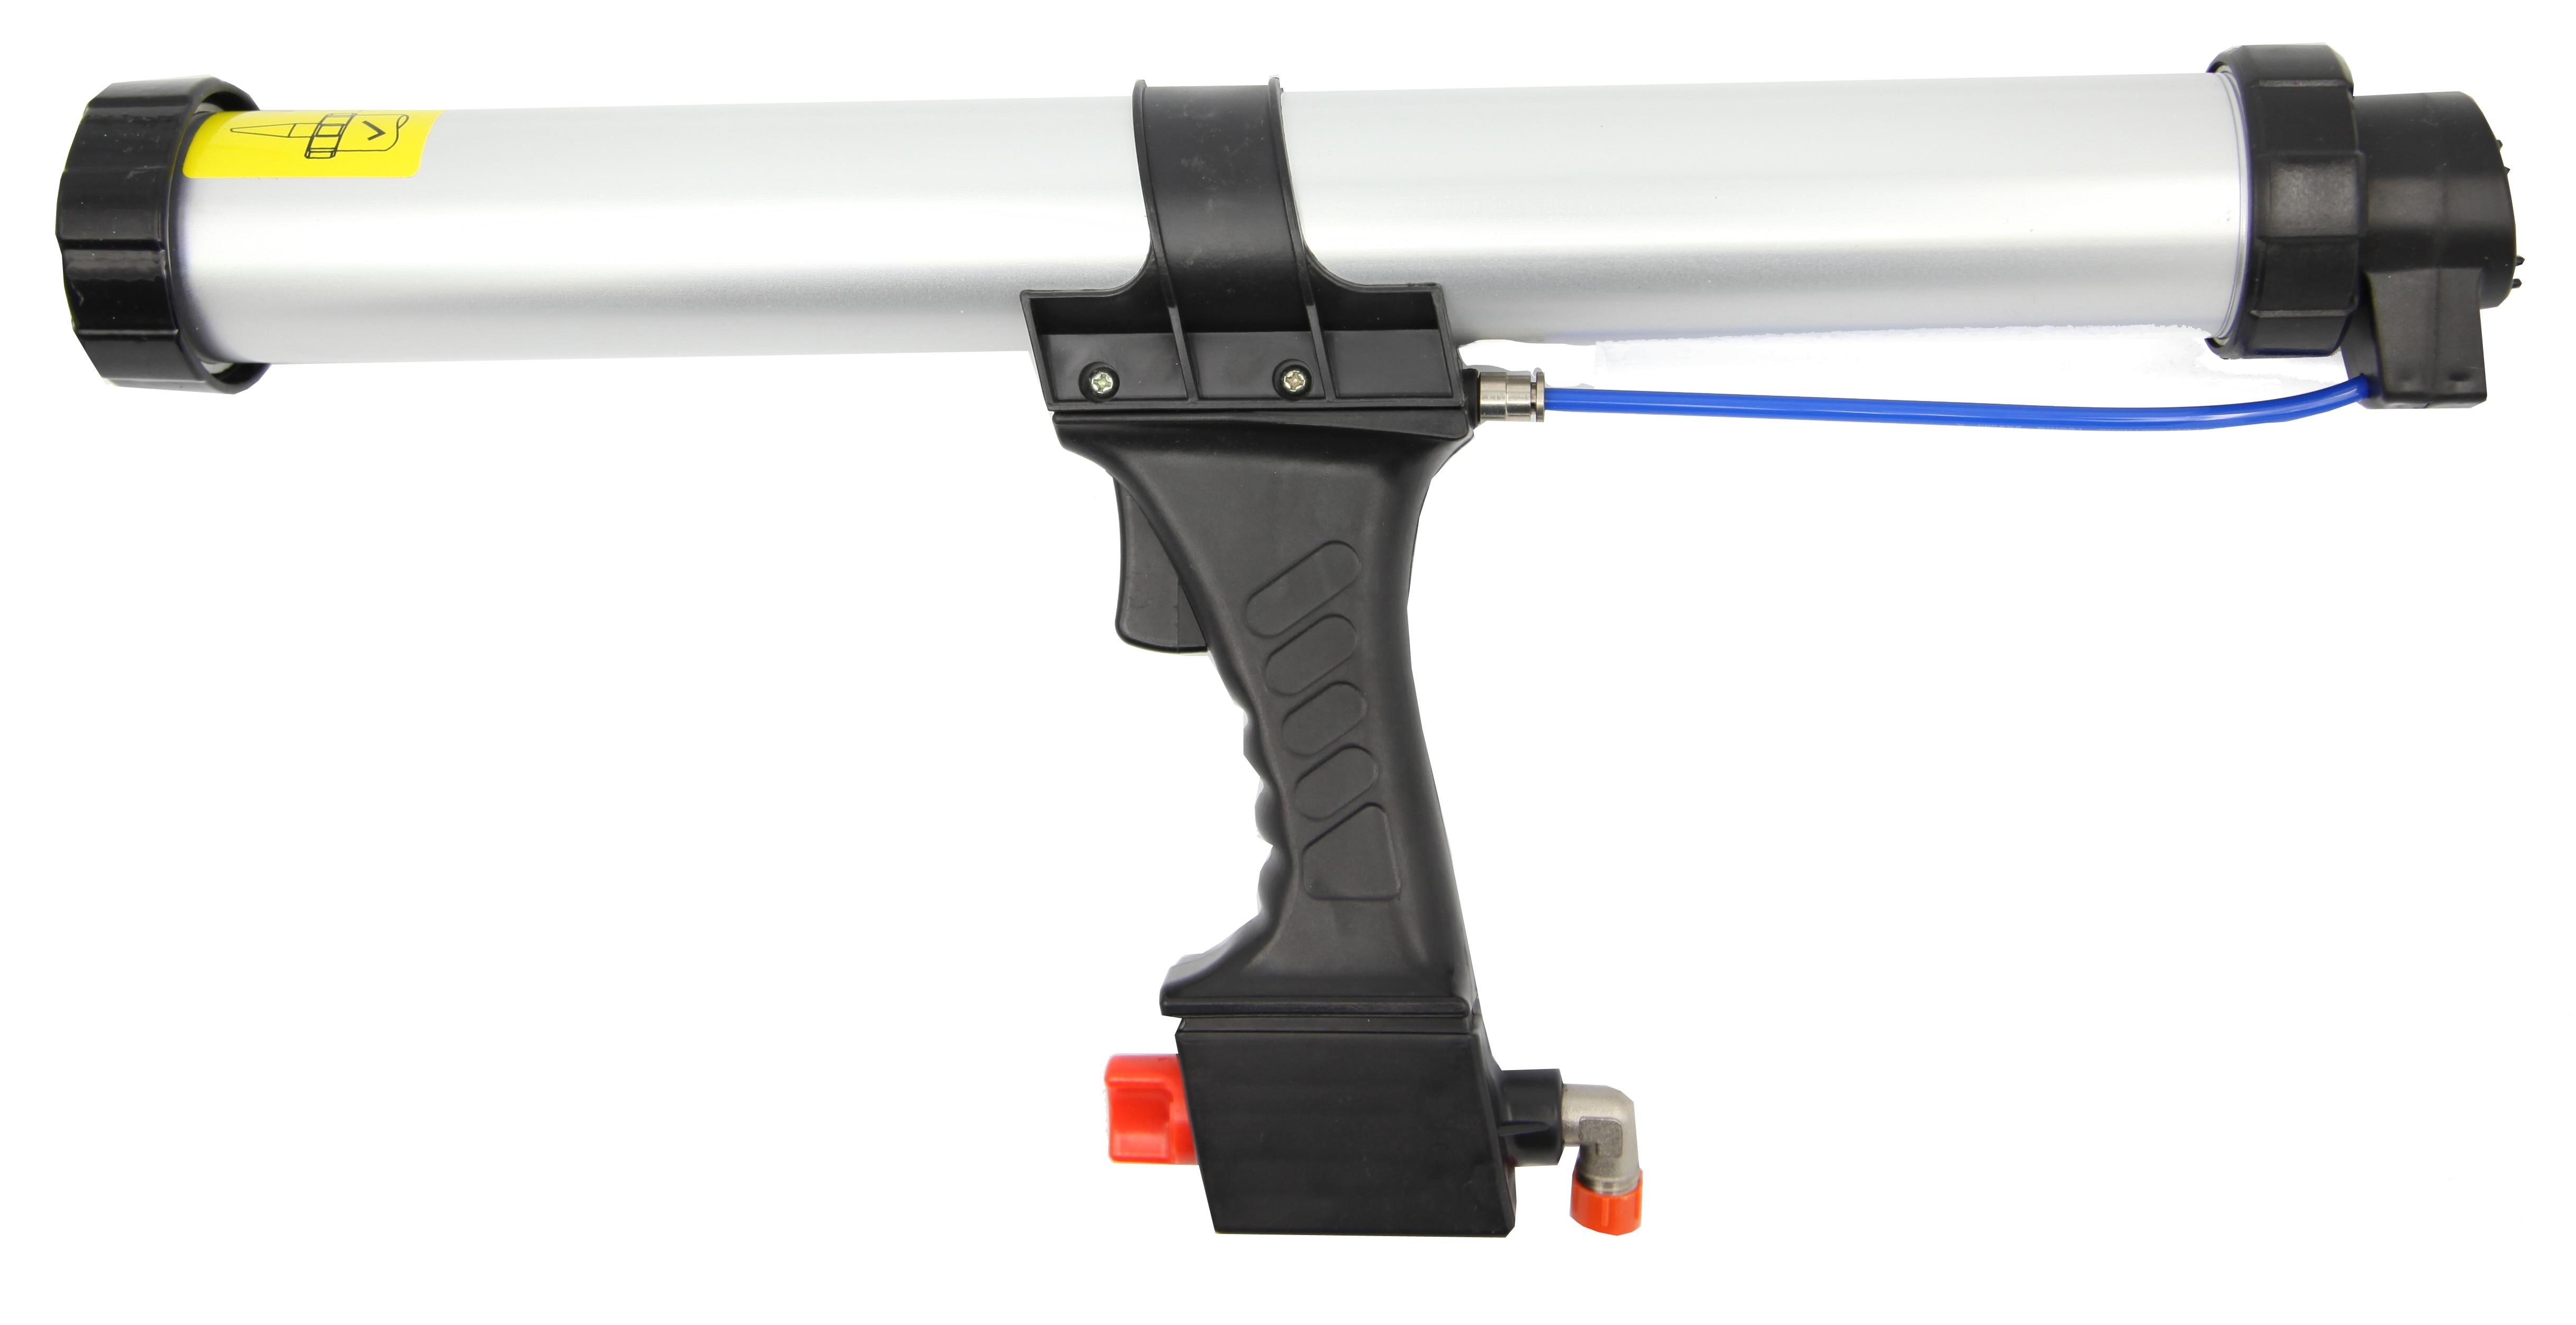 نوعية جيدة التجزئة DIY و المهنية استخدام 15 بوصة ل 600 مللي السجق هوائي السد بندقية هوائي يسد بندقية Dripless نوع